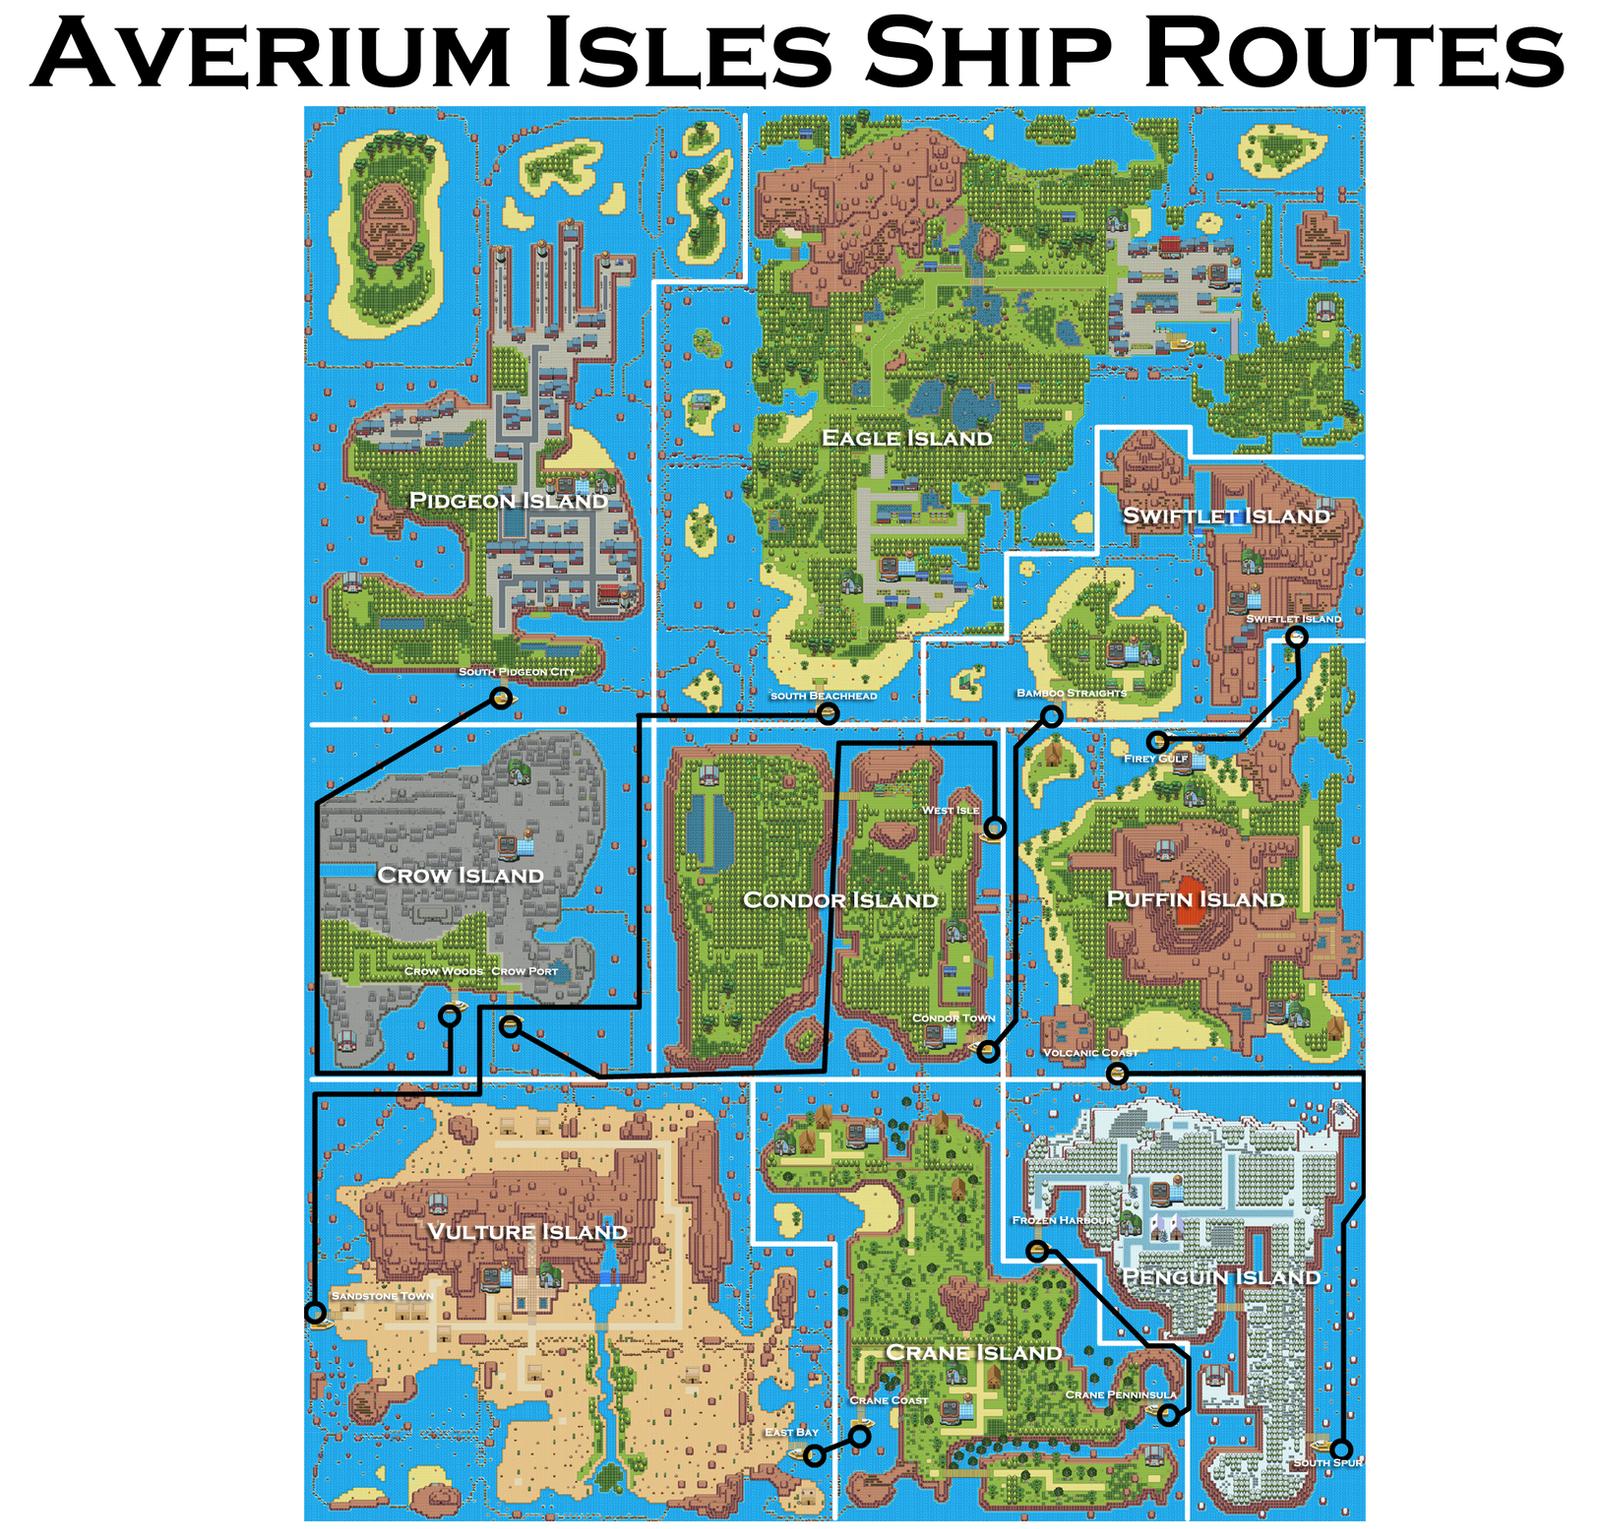 monstermmorpg ship nav pokemon by monstermmorpg on deviantart